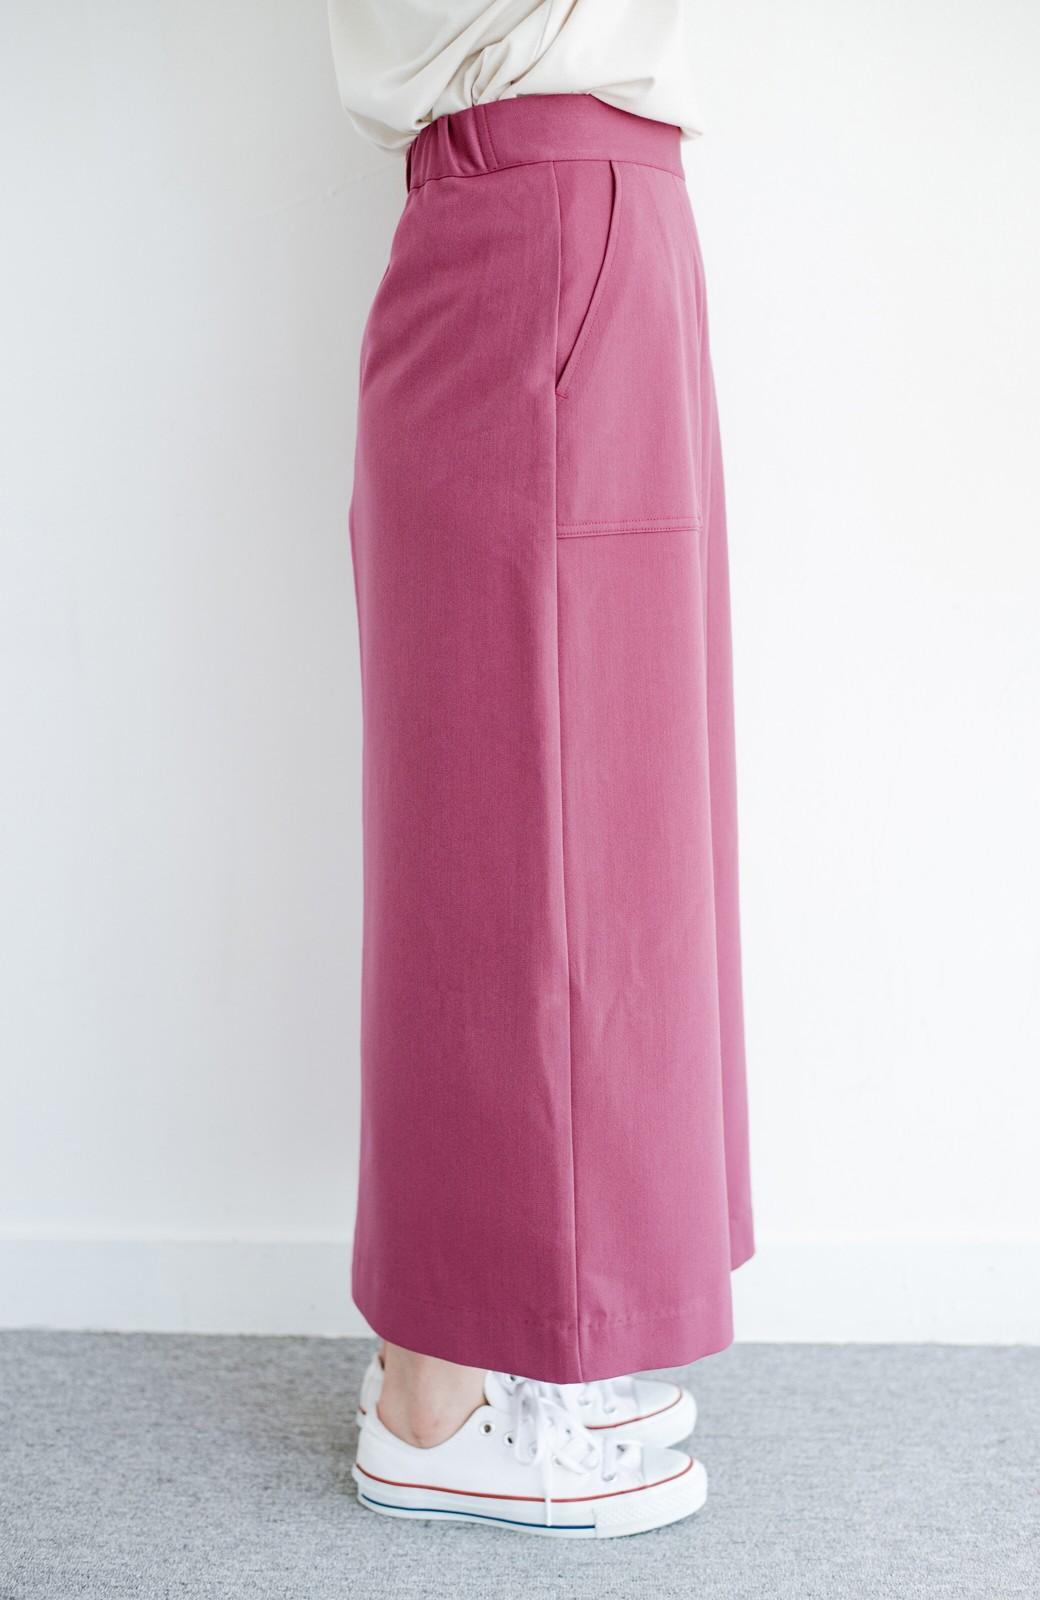 haco! カジュアルにもきれいめにも着られて便利 スリットが女っぽいセミタイトスカート <ピンク>の商品写真4